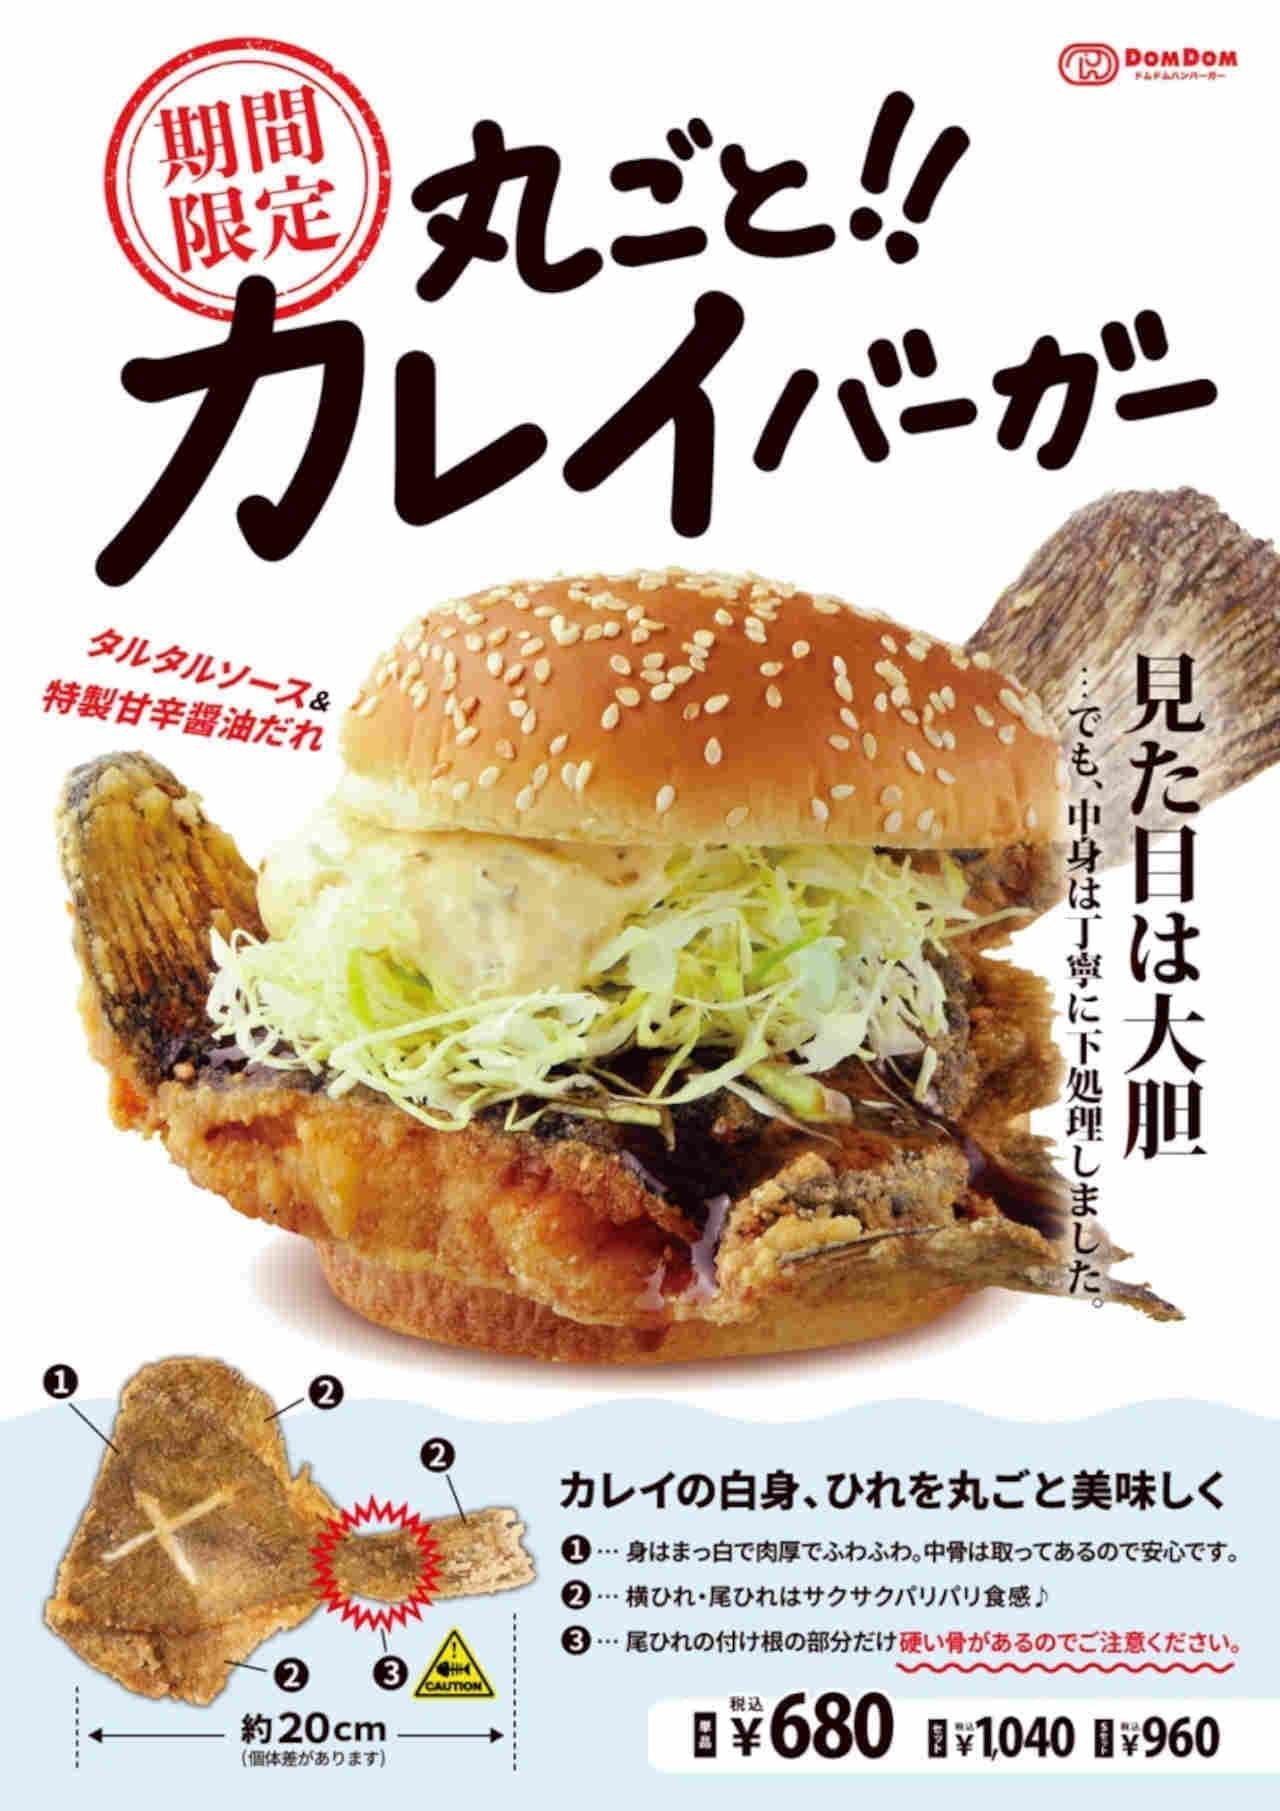 ドムドムハンバーガー「丸ごと!!カレイバーガー」